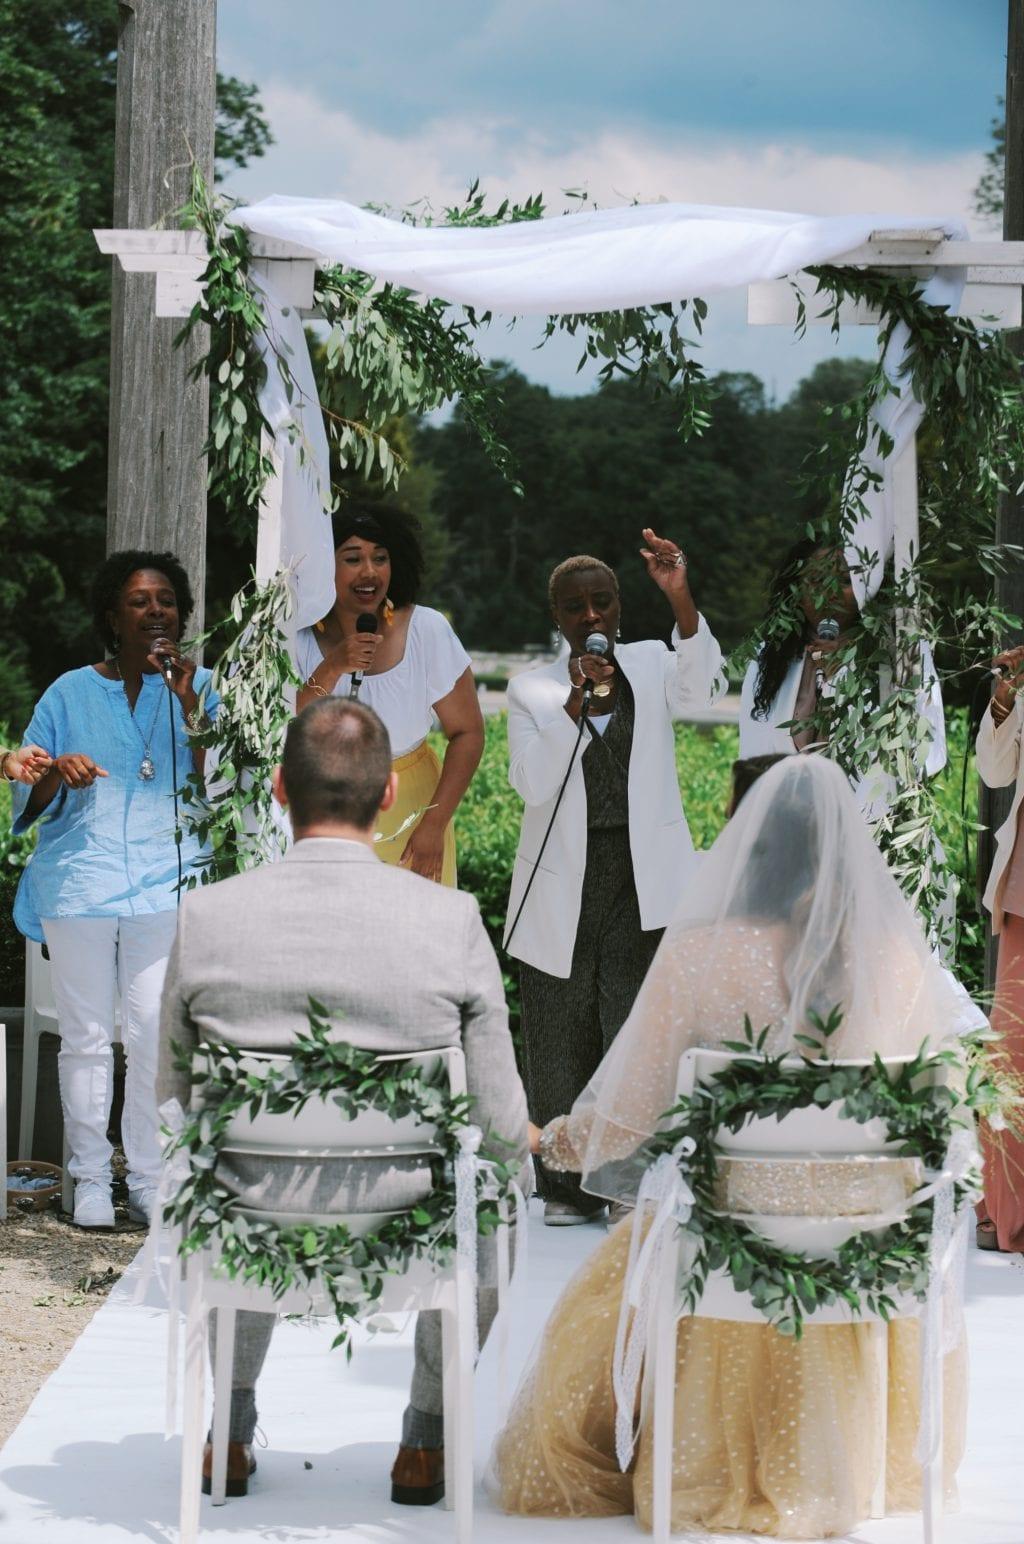 Trouwen in een orangerie bruidspaar op het bordes toegezongen door een gospelkoor.